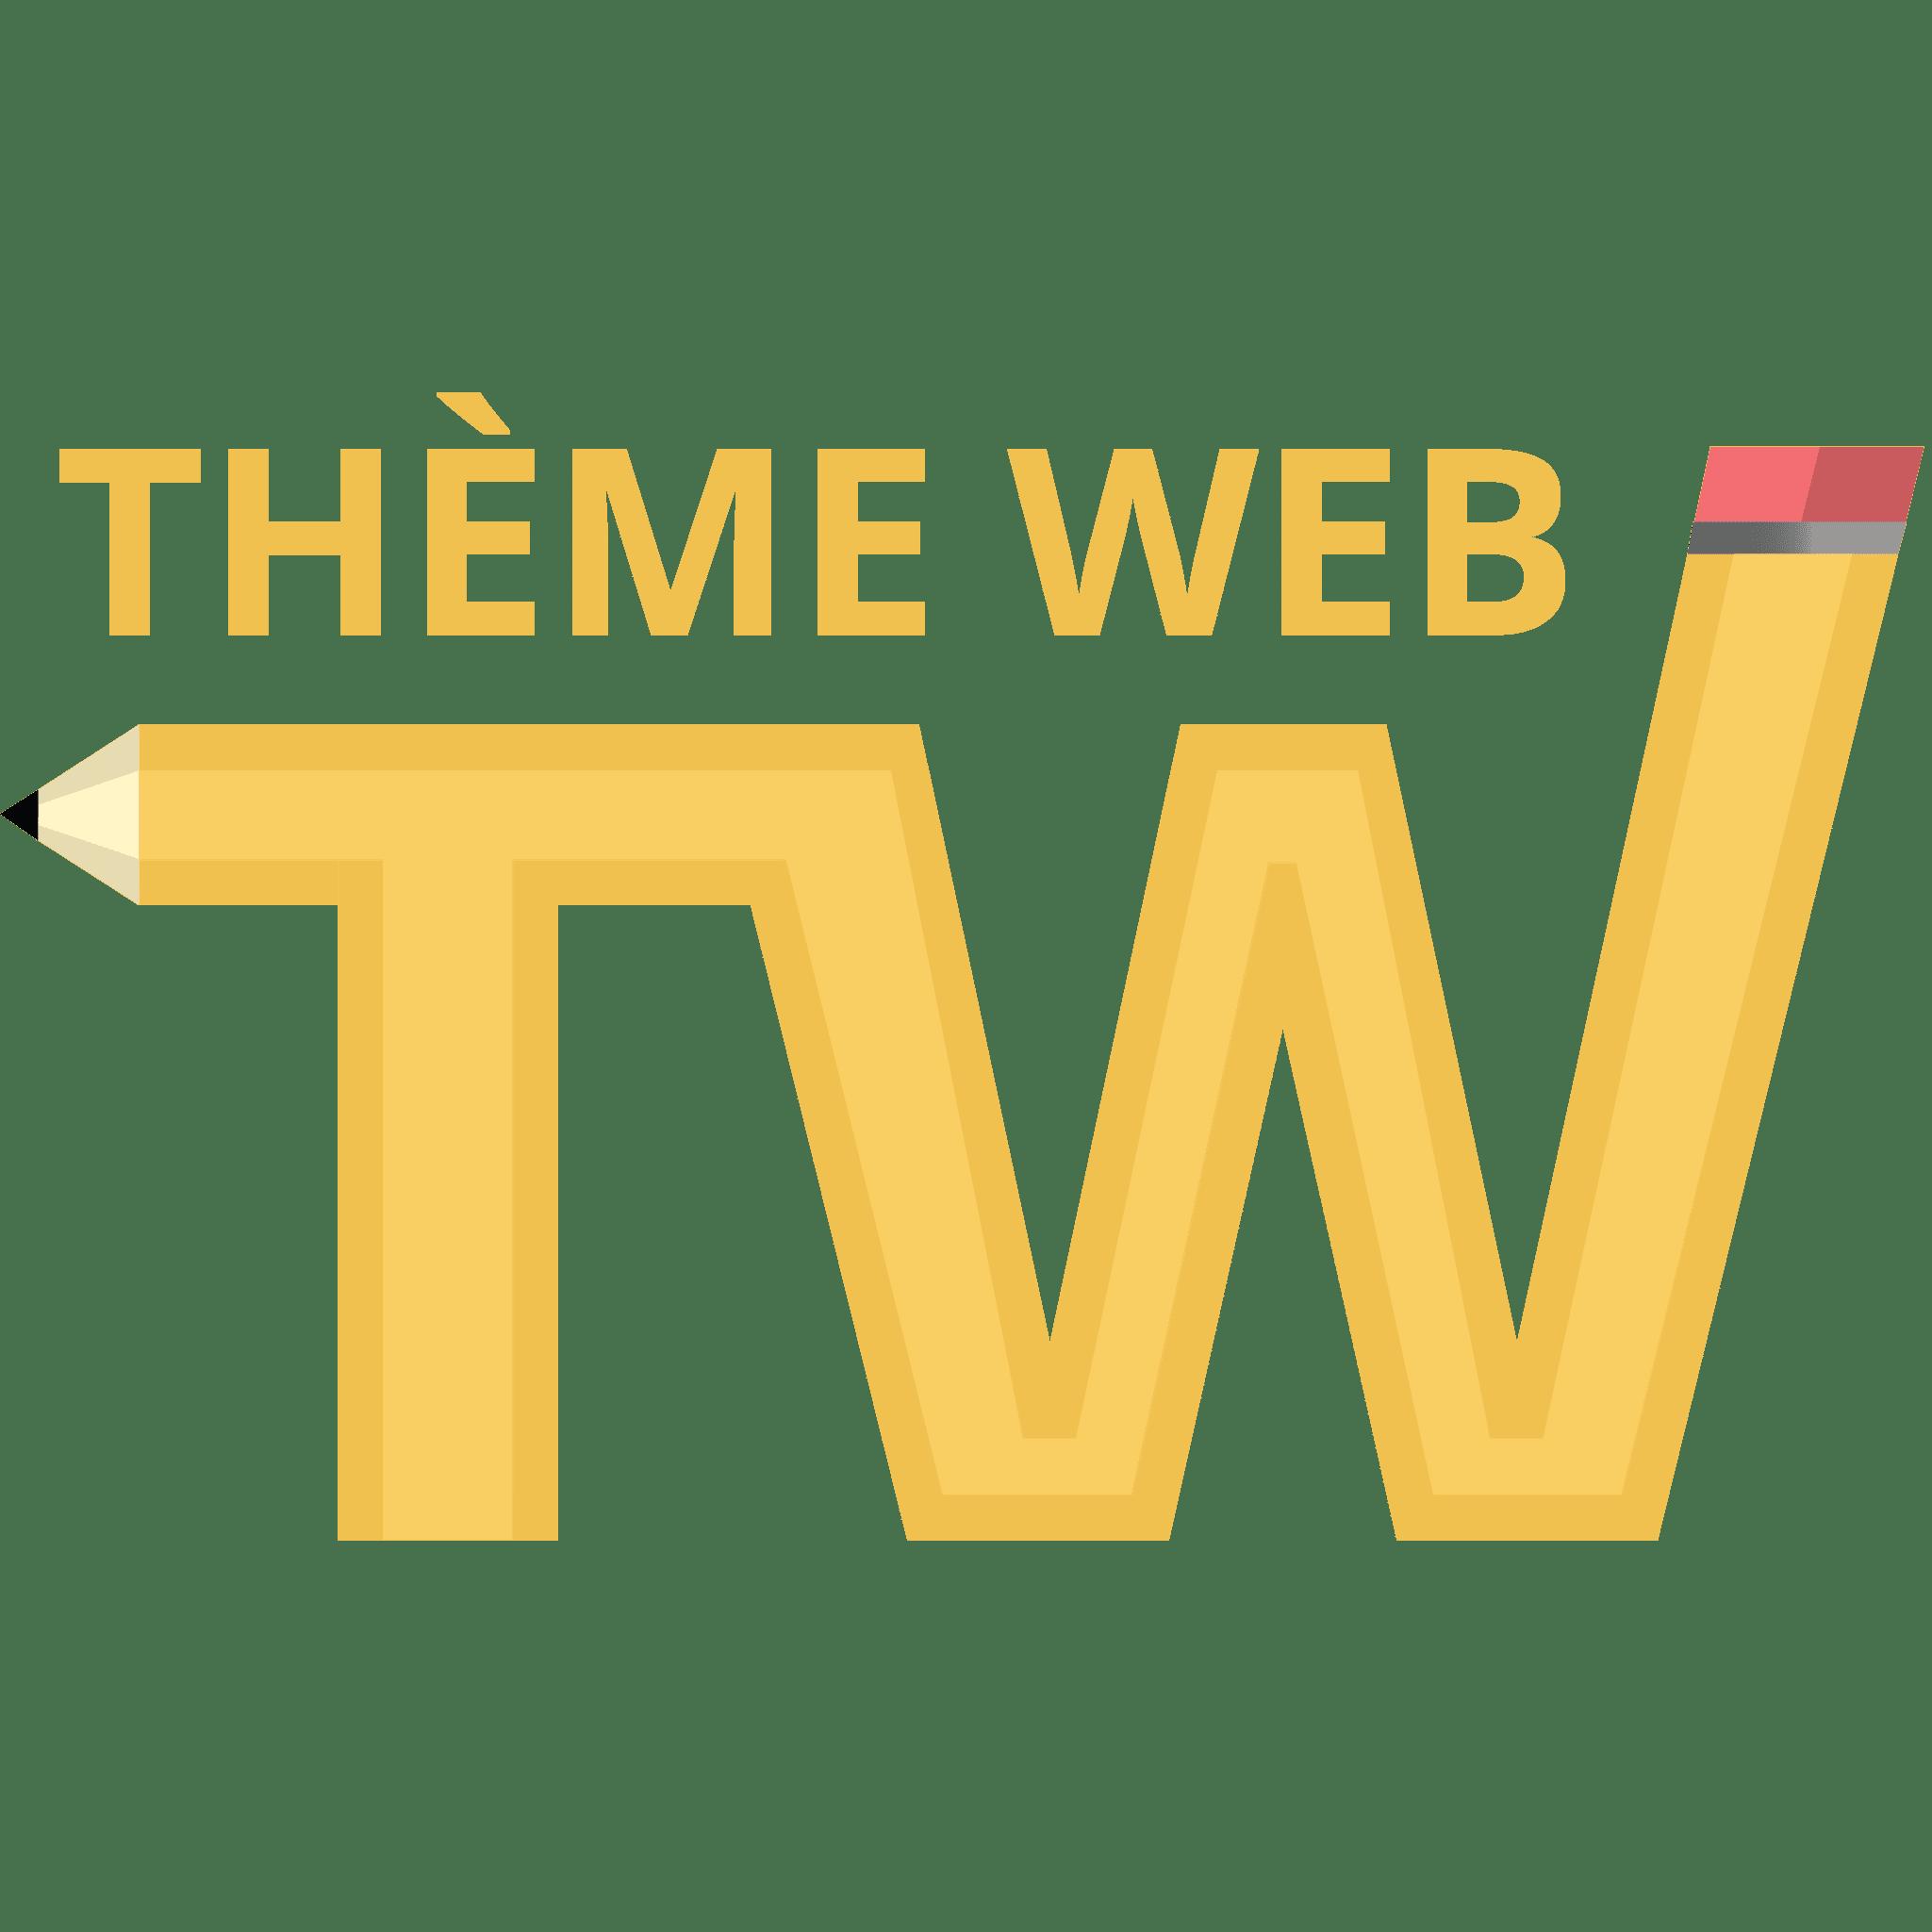 logo theme web